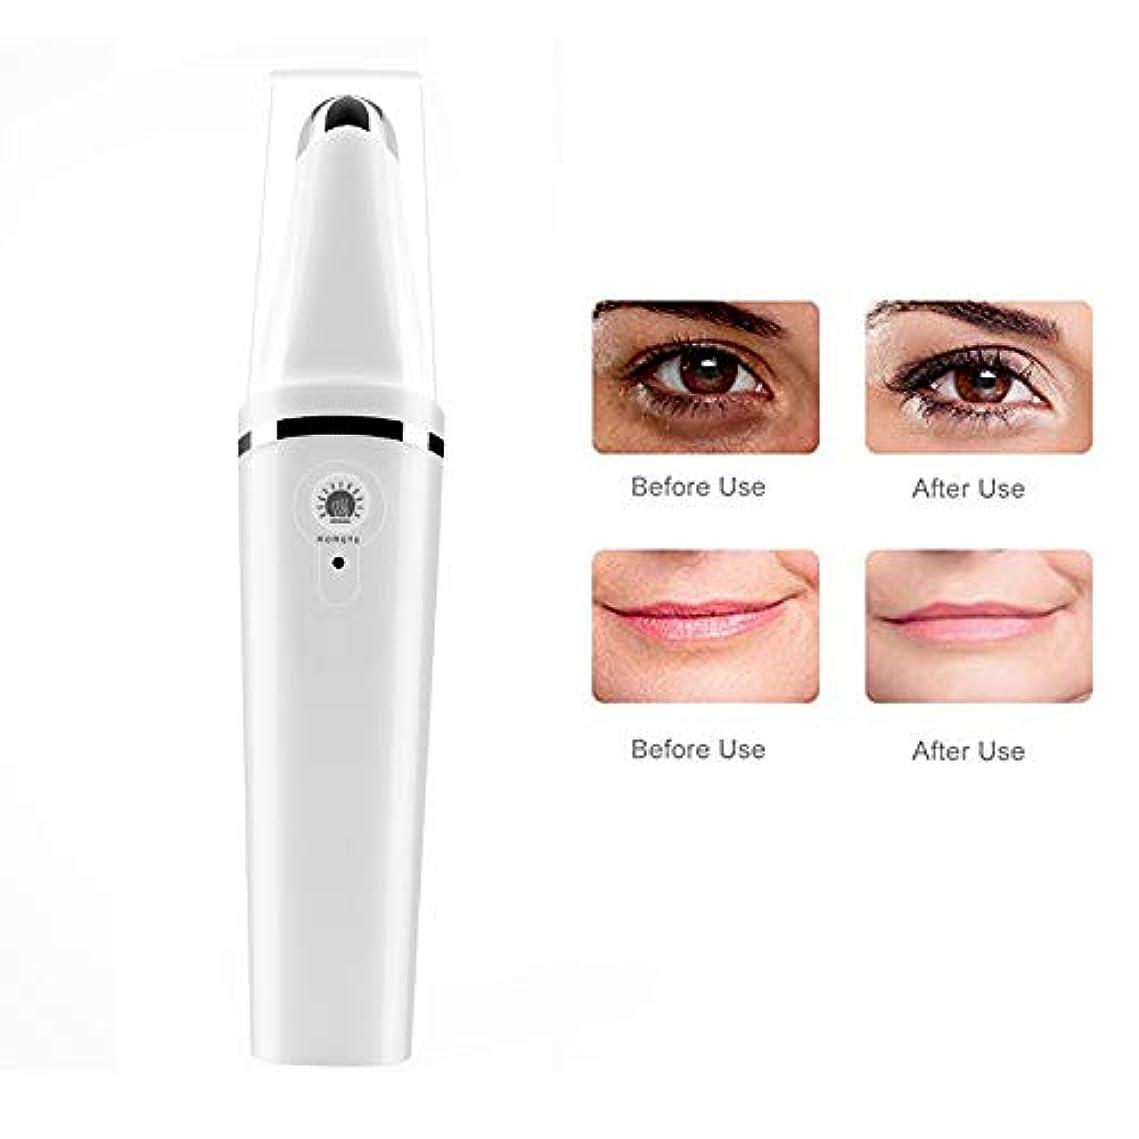 ルーチン減らすもっともらしい美しい目の美しさ唇楽器高周波振動ホワイト家庭用フェードアイバッグダークサークルイオン美容インポート楽器usb充電アイメーター